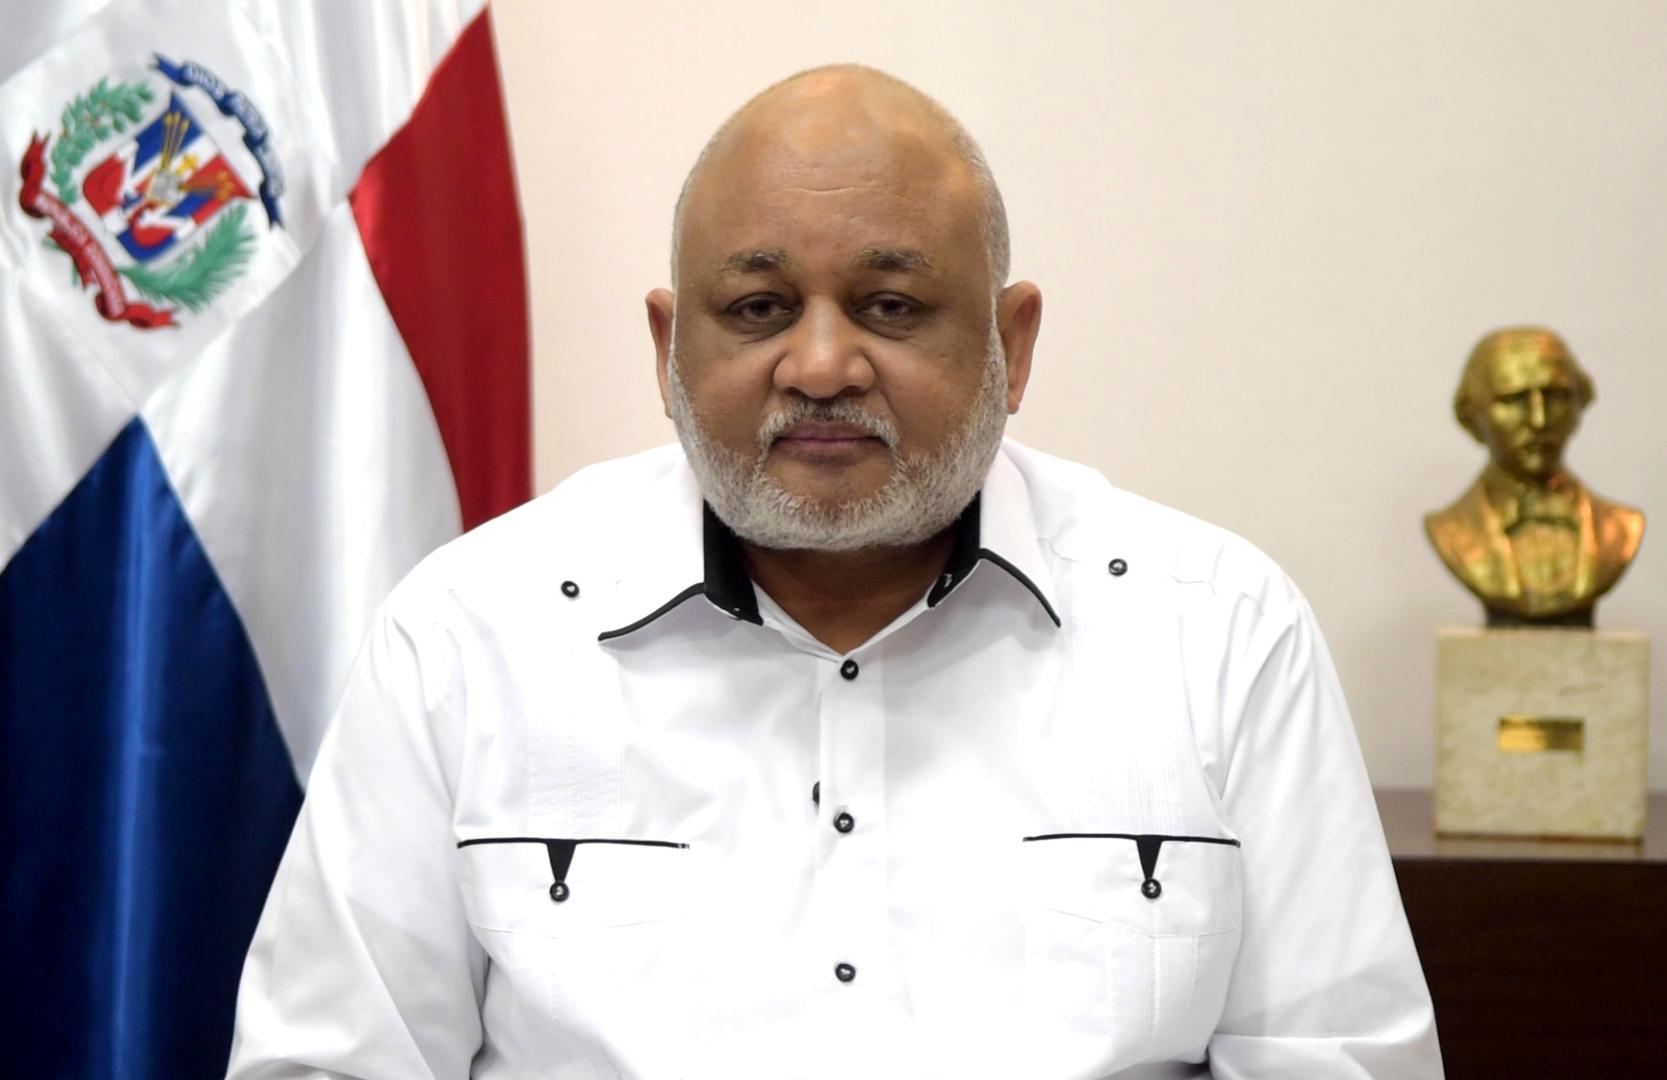 Ministro de educación anuncia transformarán liceos tradicionales en politécnicos